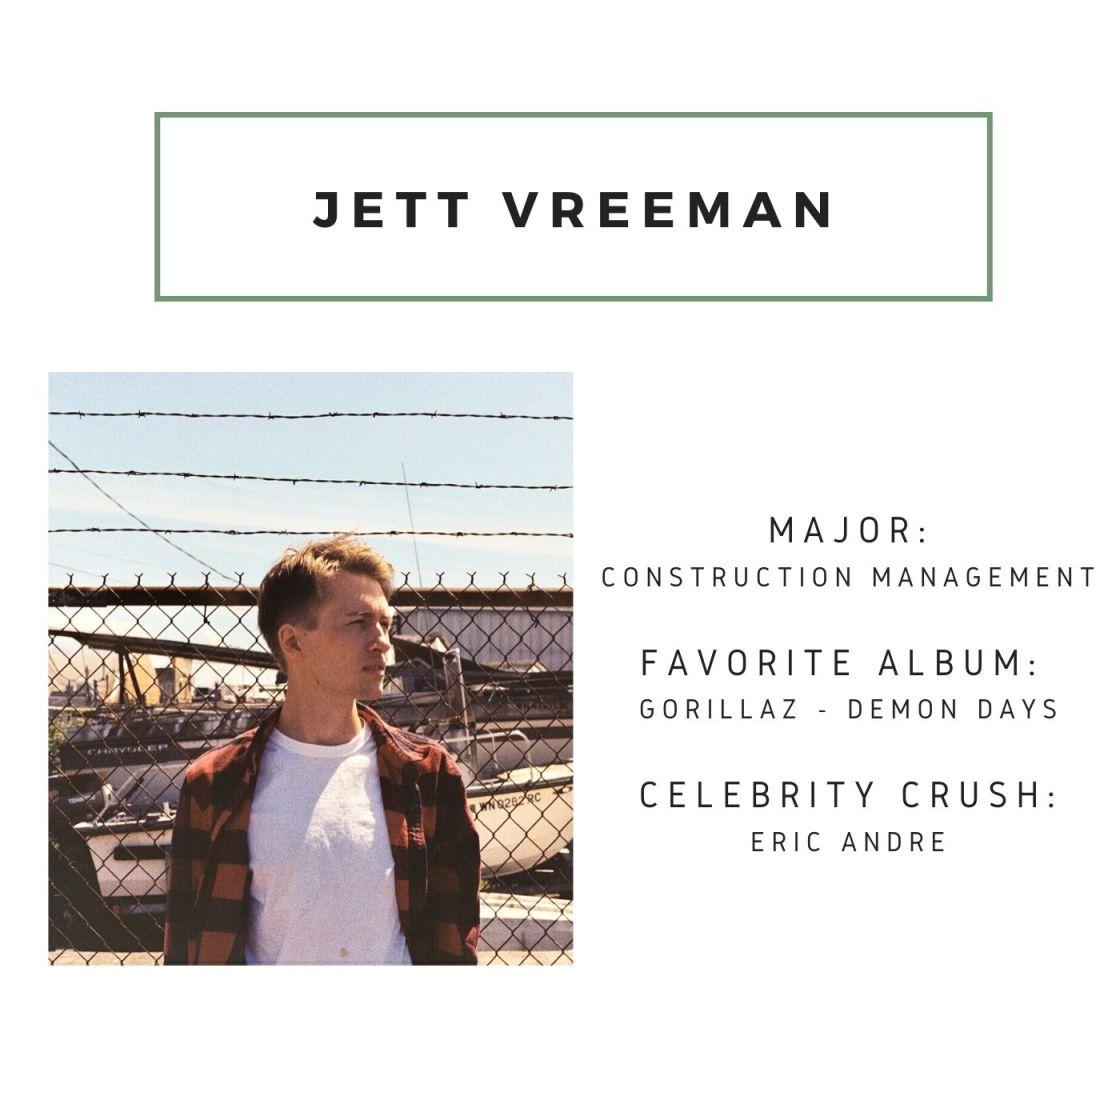 Jett Vreeman